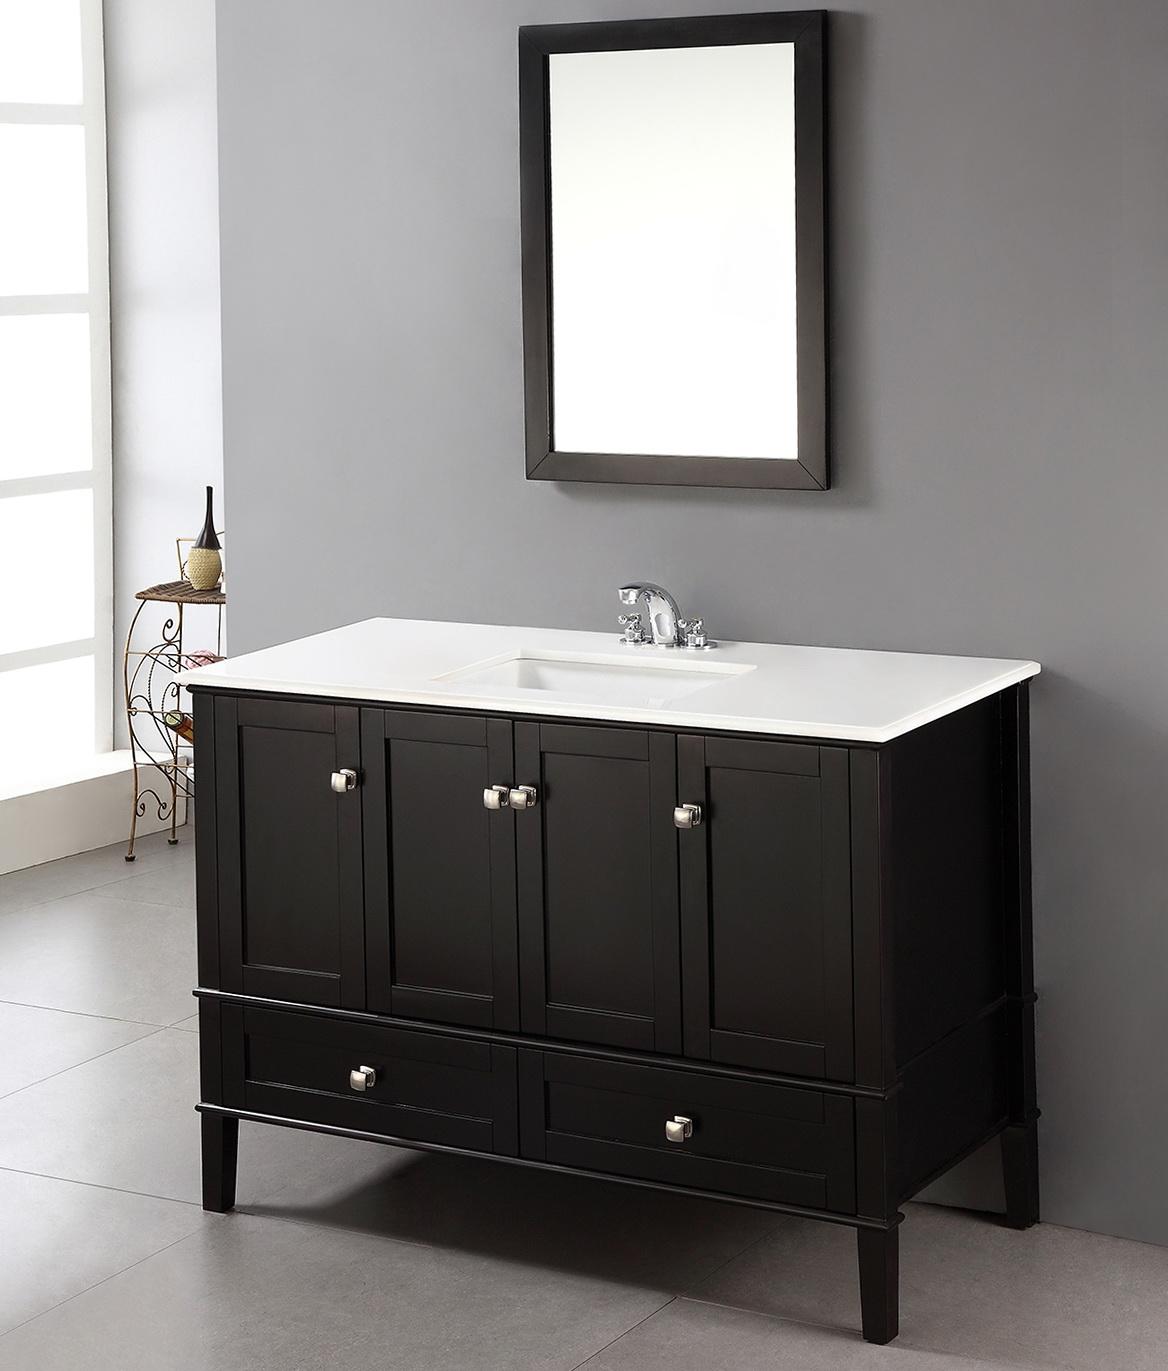 Black 48 Inch Bathroom Vanity